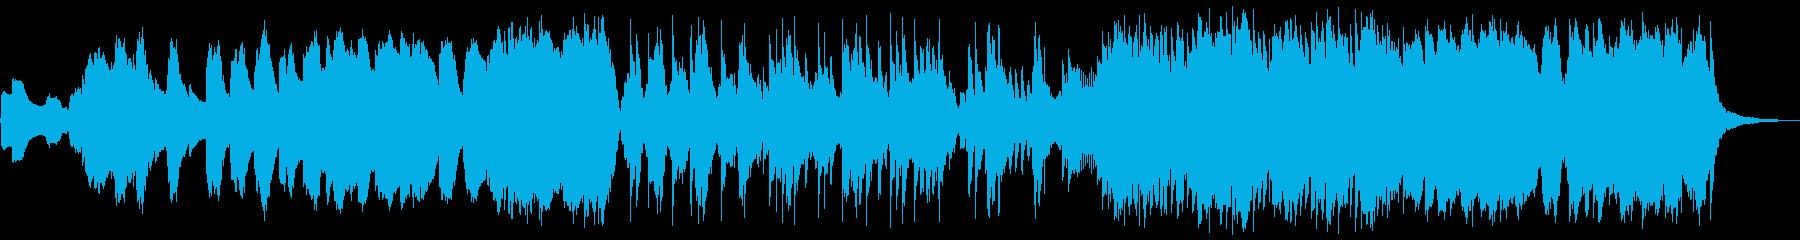 幻想的な映像、CMに宇宙系アンビエントの再生済みの波形